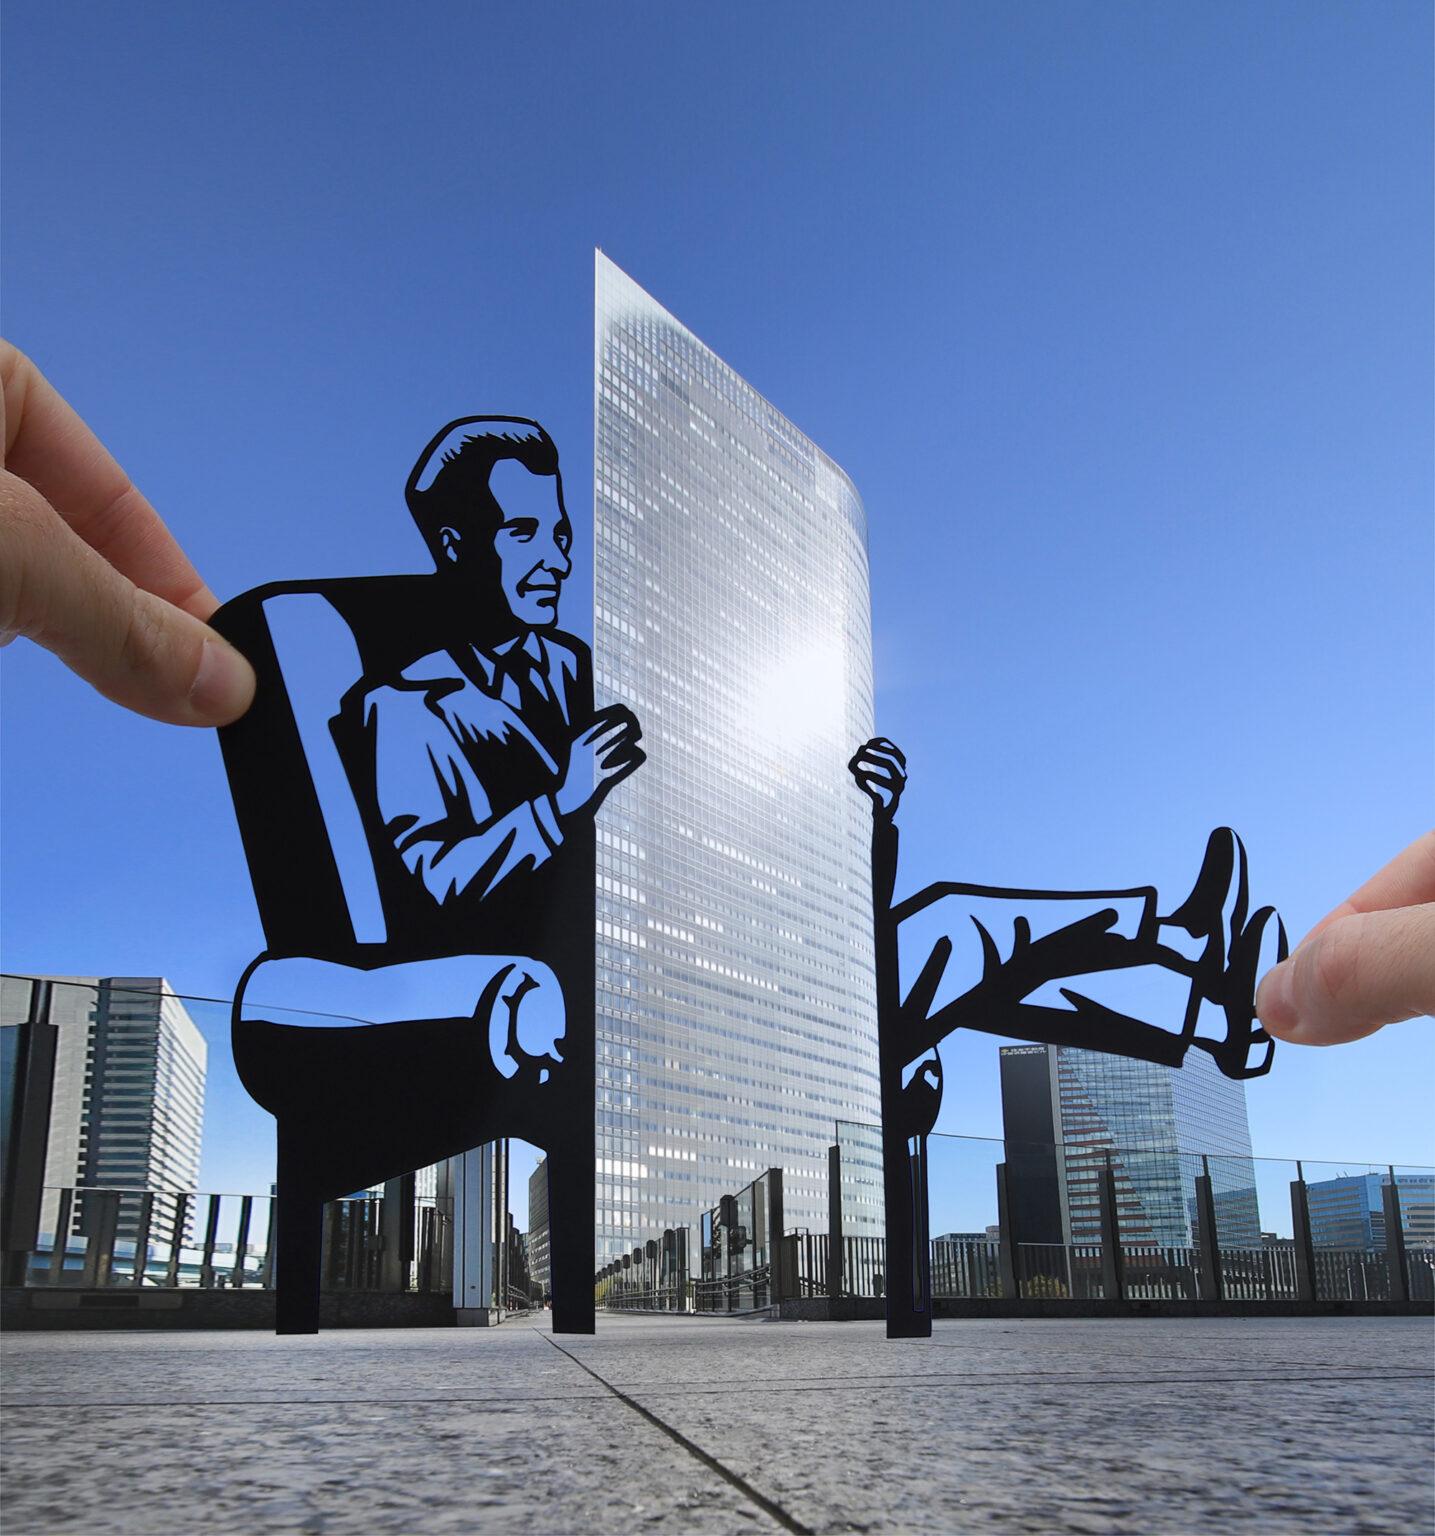 Paperboyo artista cria cenas divertidas com recortes de papel em arquitetura 1